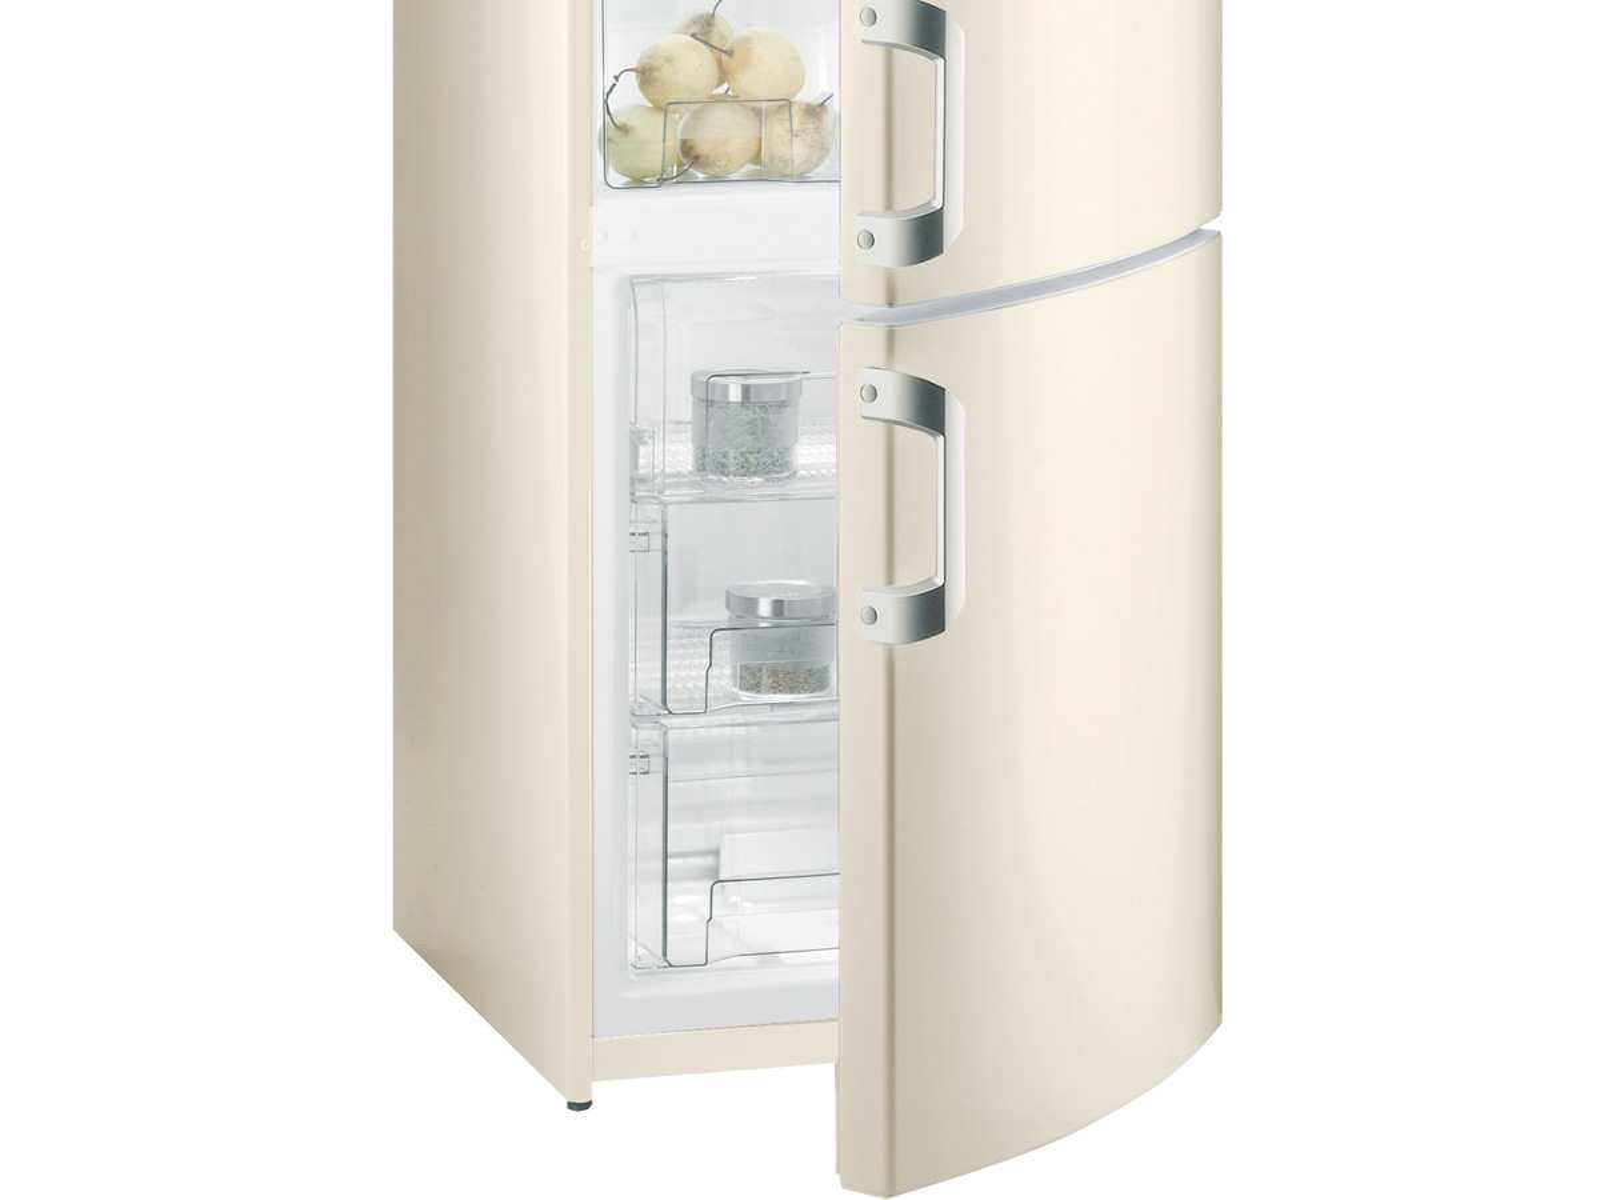 Gorenje Kühlschrank Vintage : Kühlschrank retro günstig kühlschrank side by side günstig haus ideen